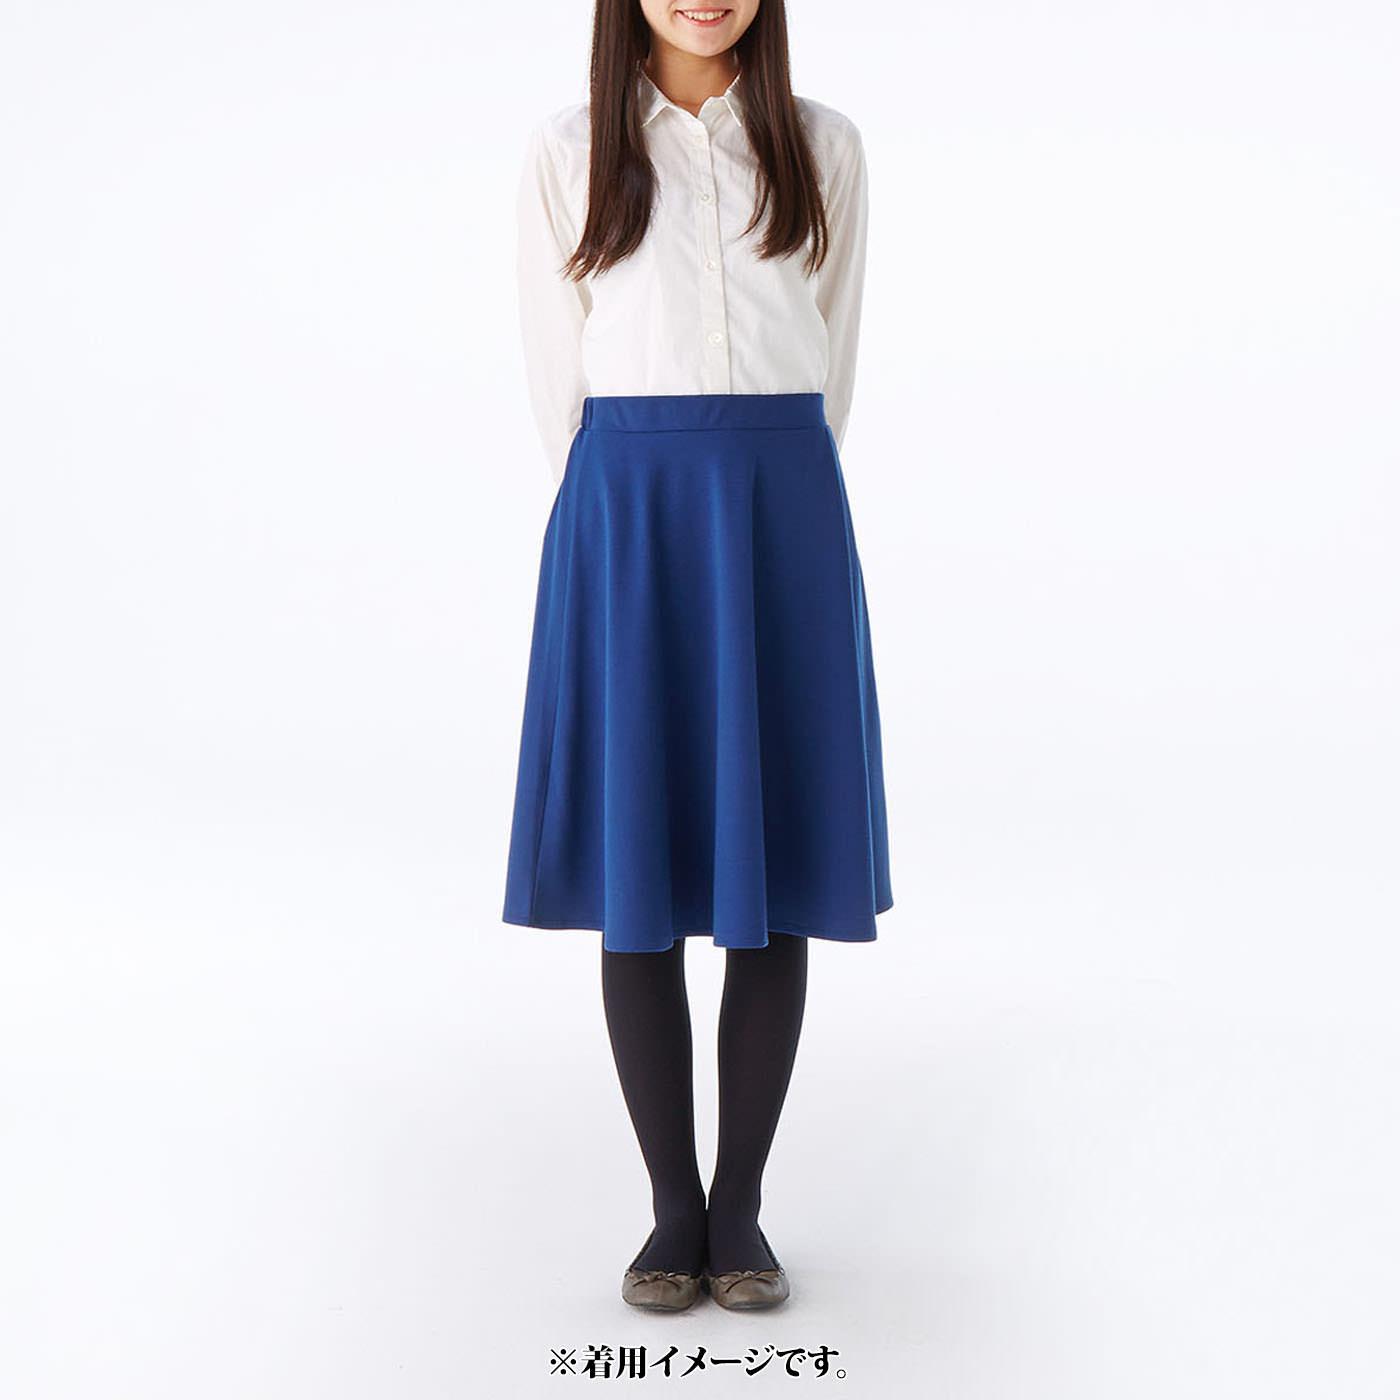 これは参考画像です。 スカートはシャツとの相性も◎。 ※お届けするカラーとは異なります。